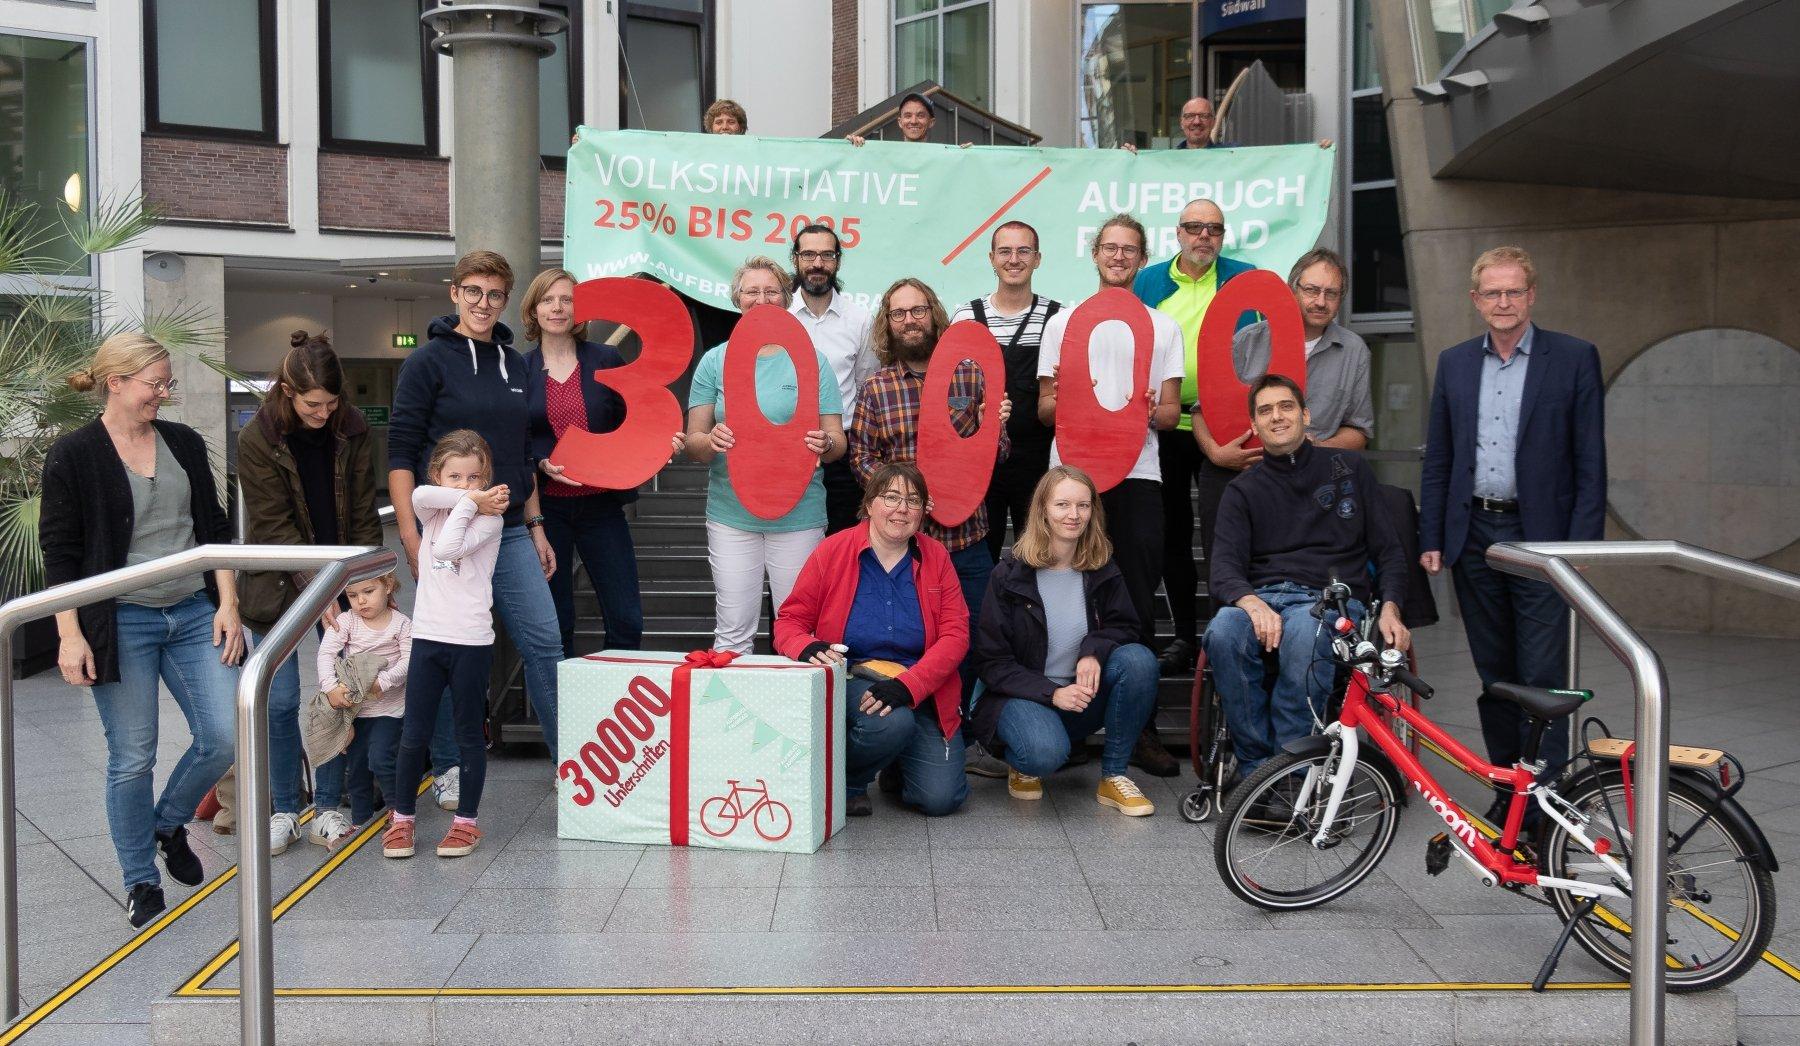 Das Team Aufbruch Fahrrad Dortmund übergab die Unterschriften an den Planungsdezernenten Ludger Wilde. (Foto: Aufbruch Fahrrad Dortmund)